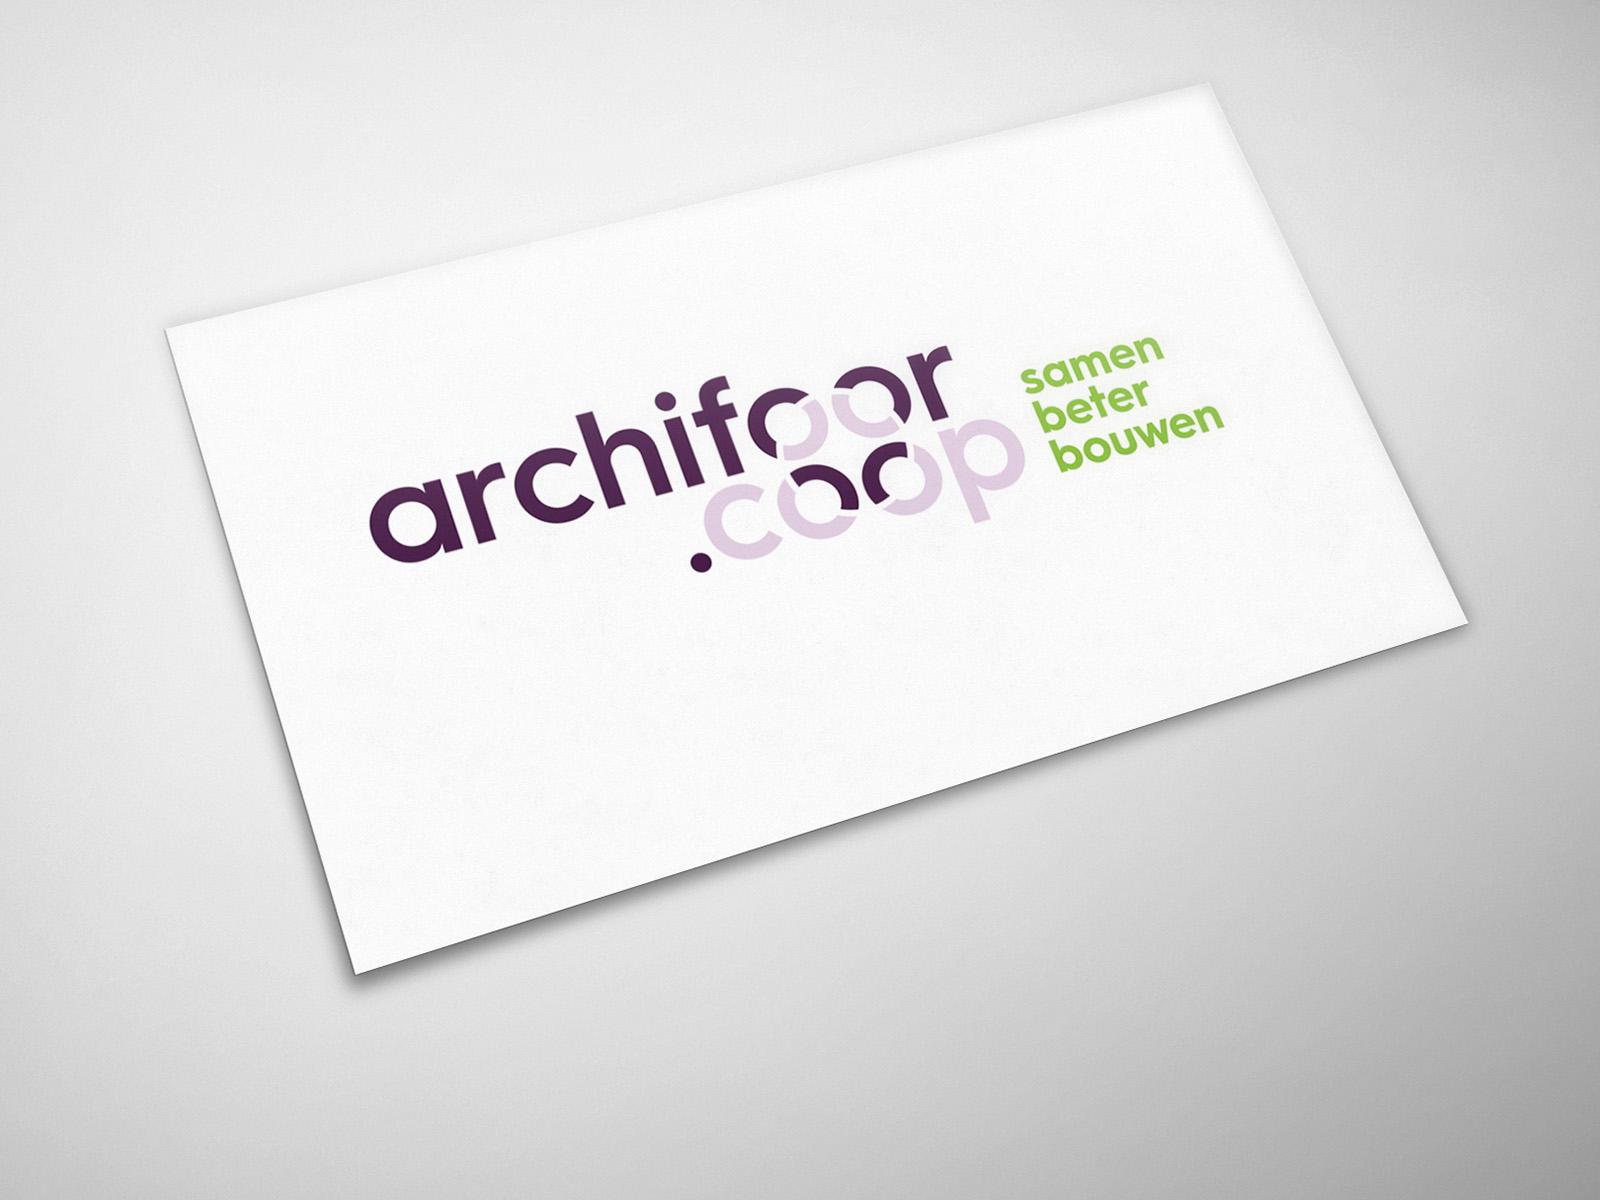 Archifoor.coop